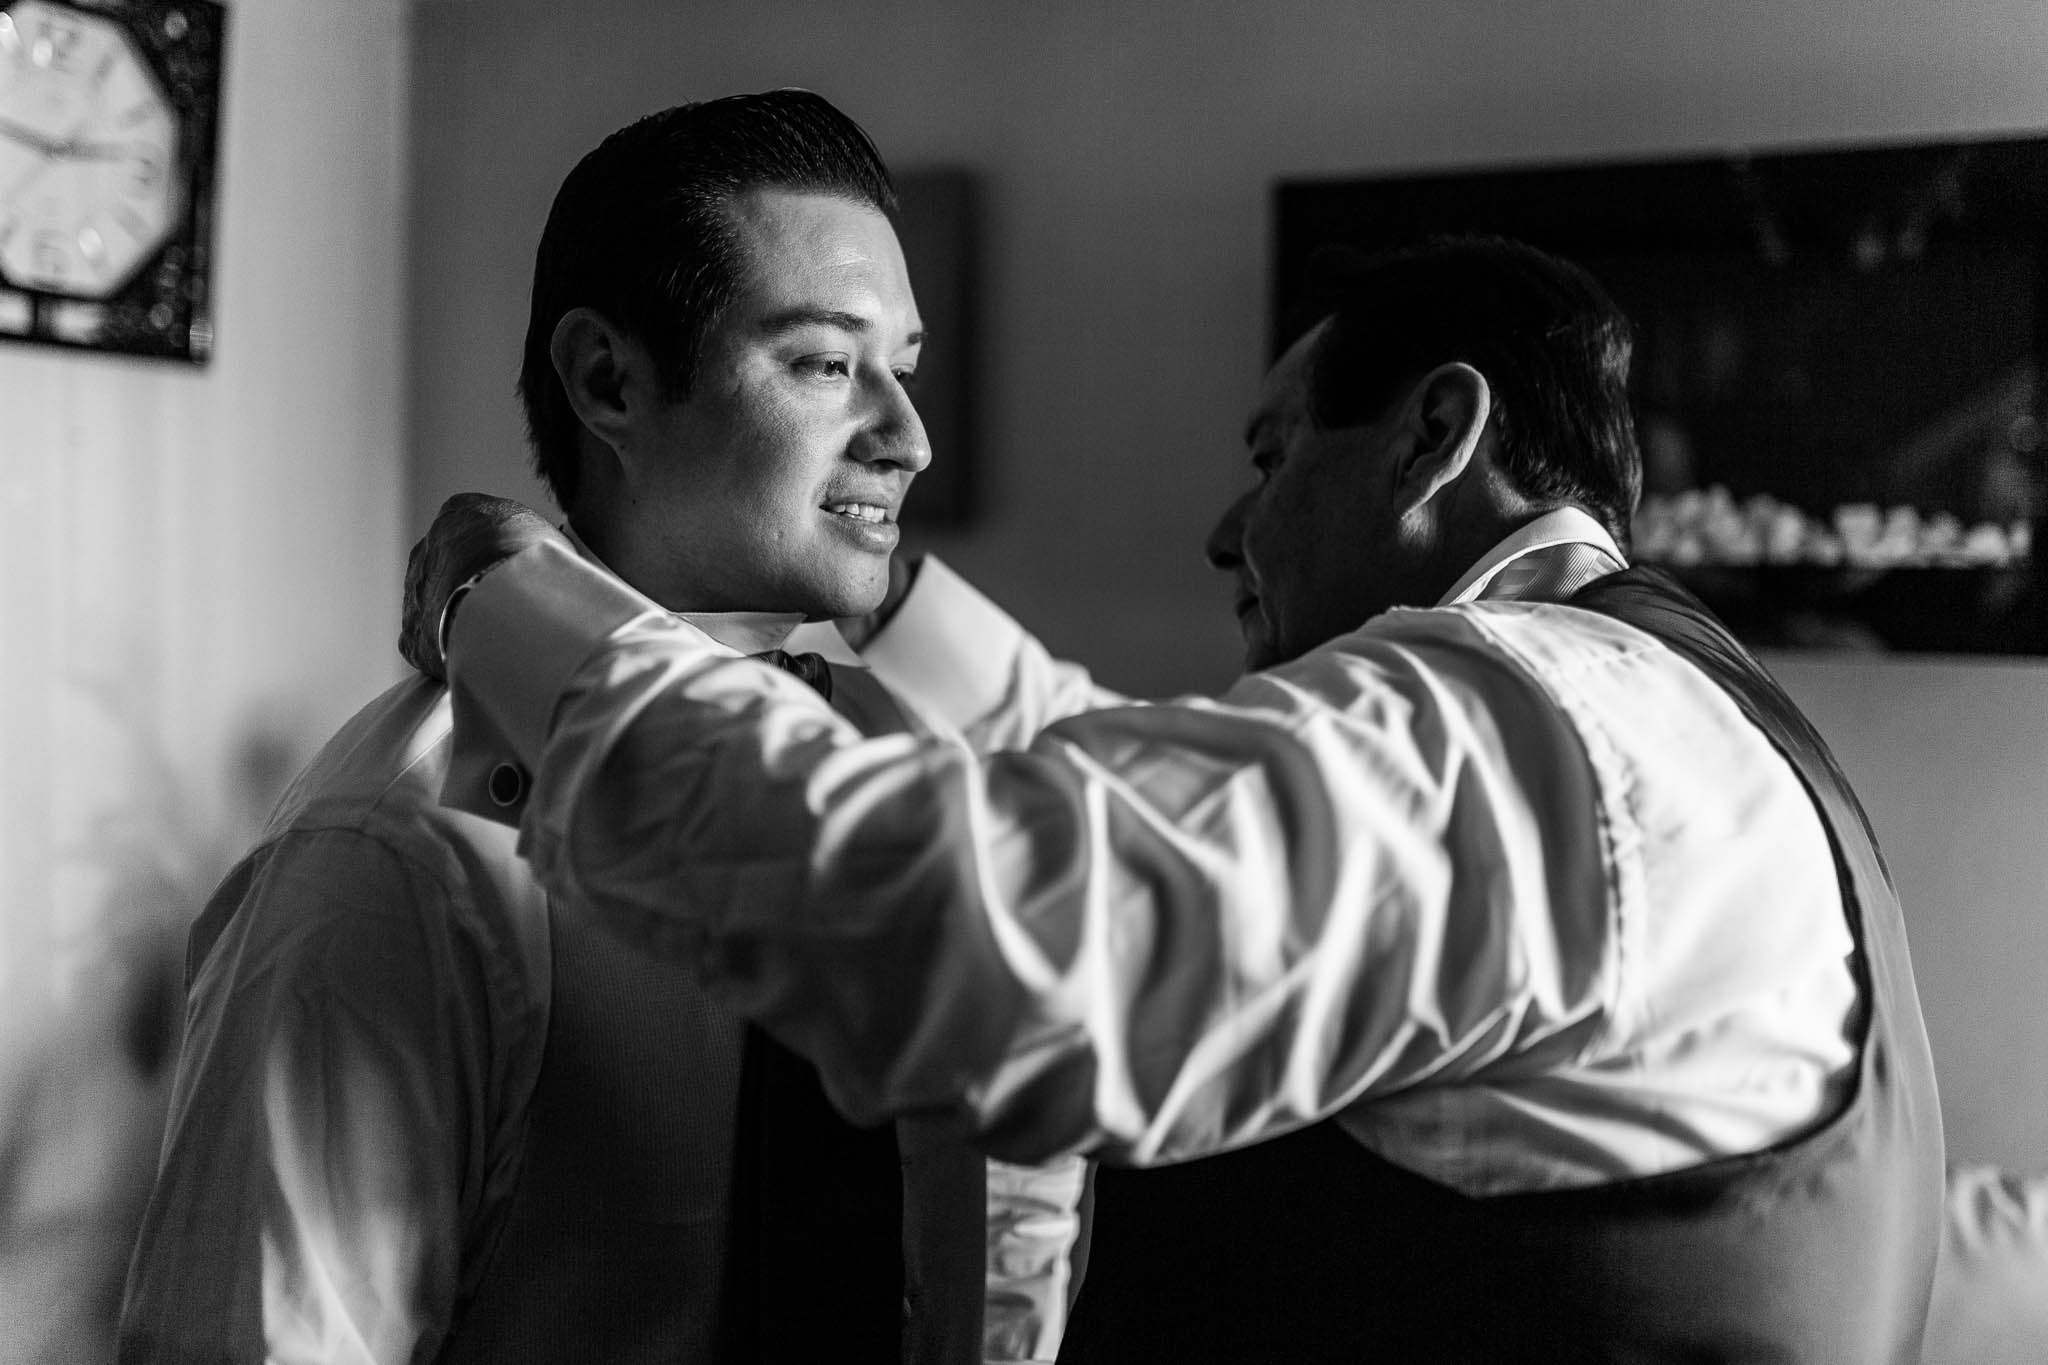 fotografo de bodas san luis potosi boda mexico wedding destination fotos de boda 51